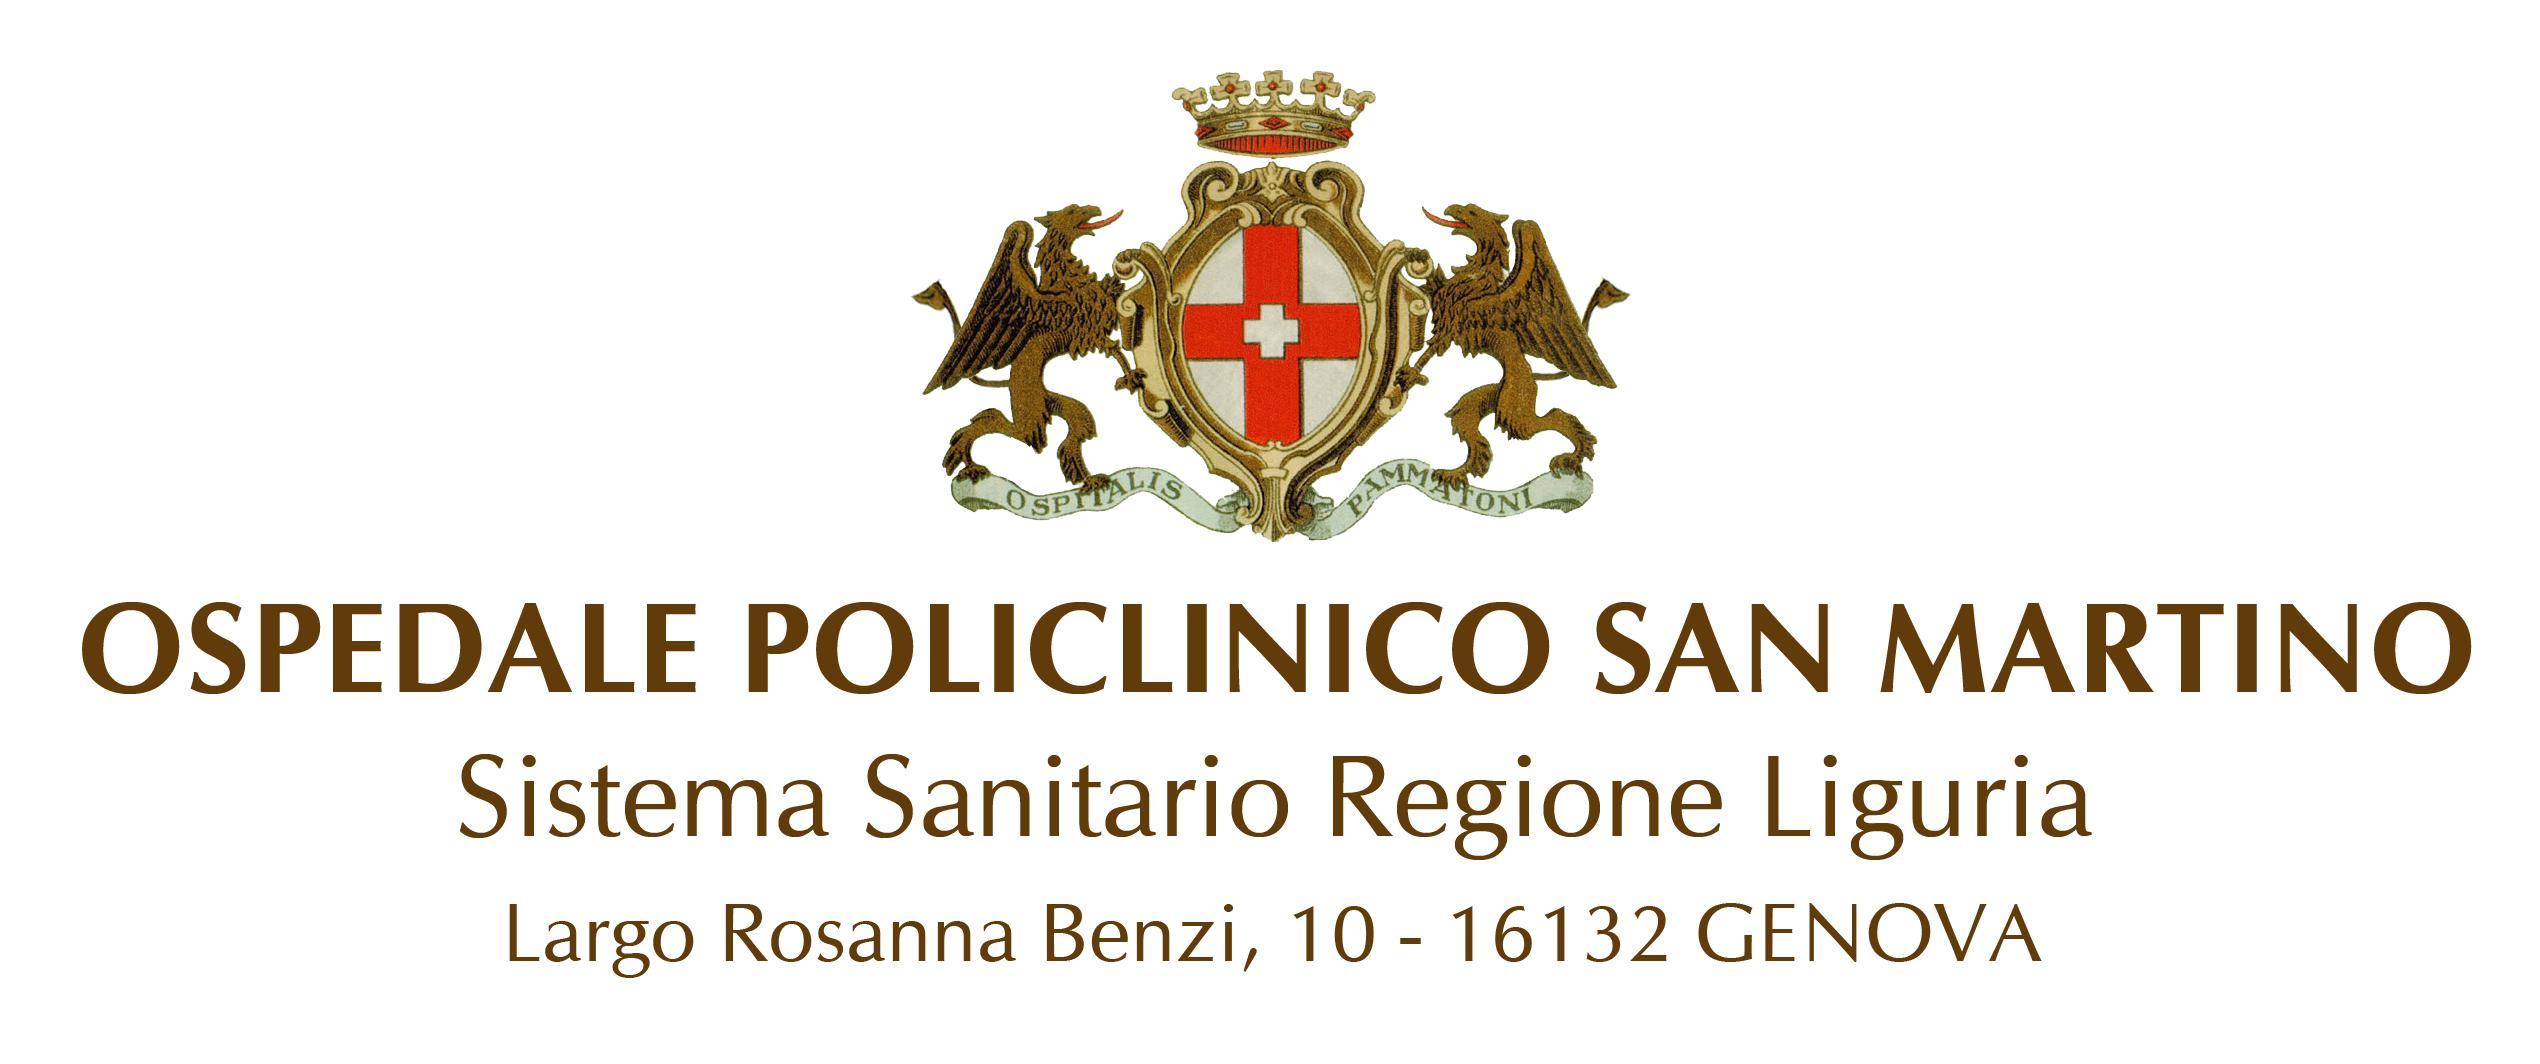 Il Policlinico San Martino di Genova si proietta nel futuro -  insalutenews.it